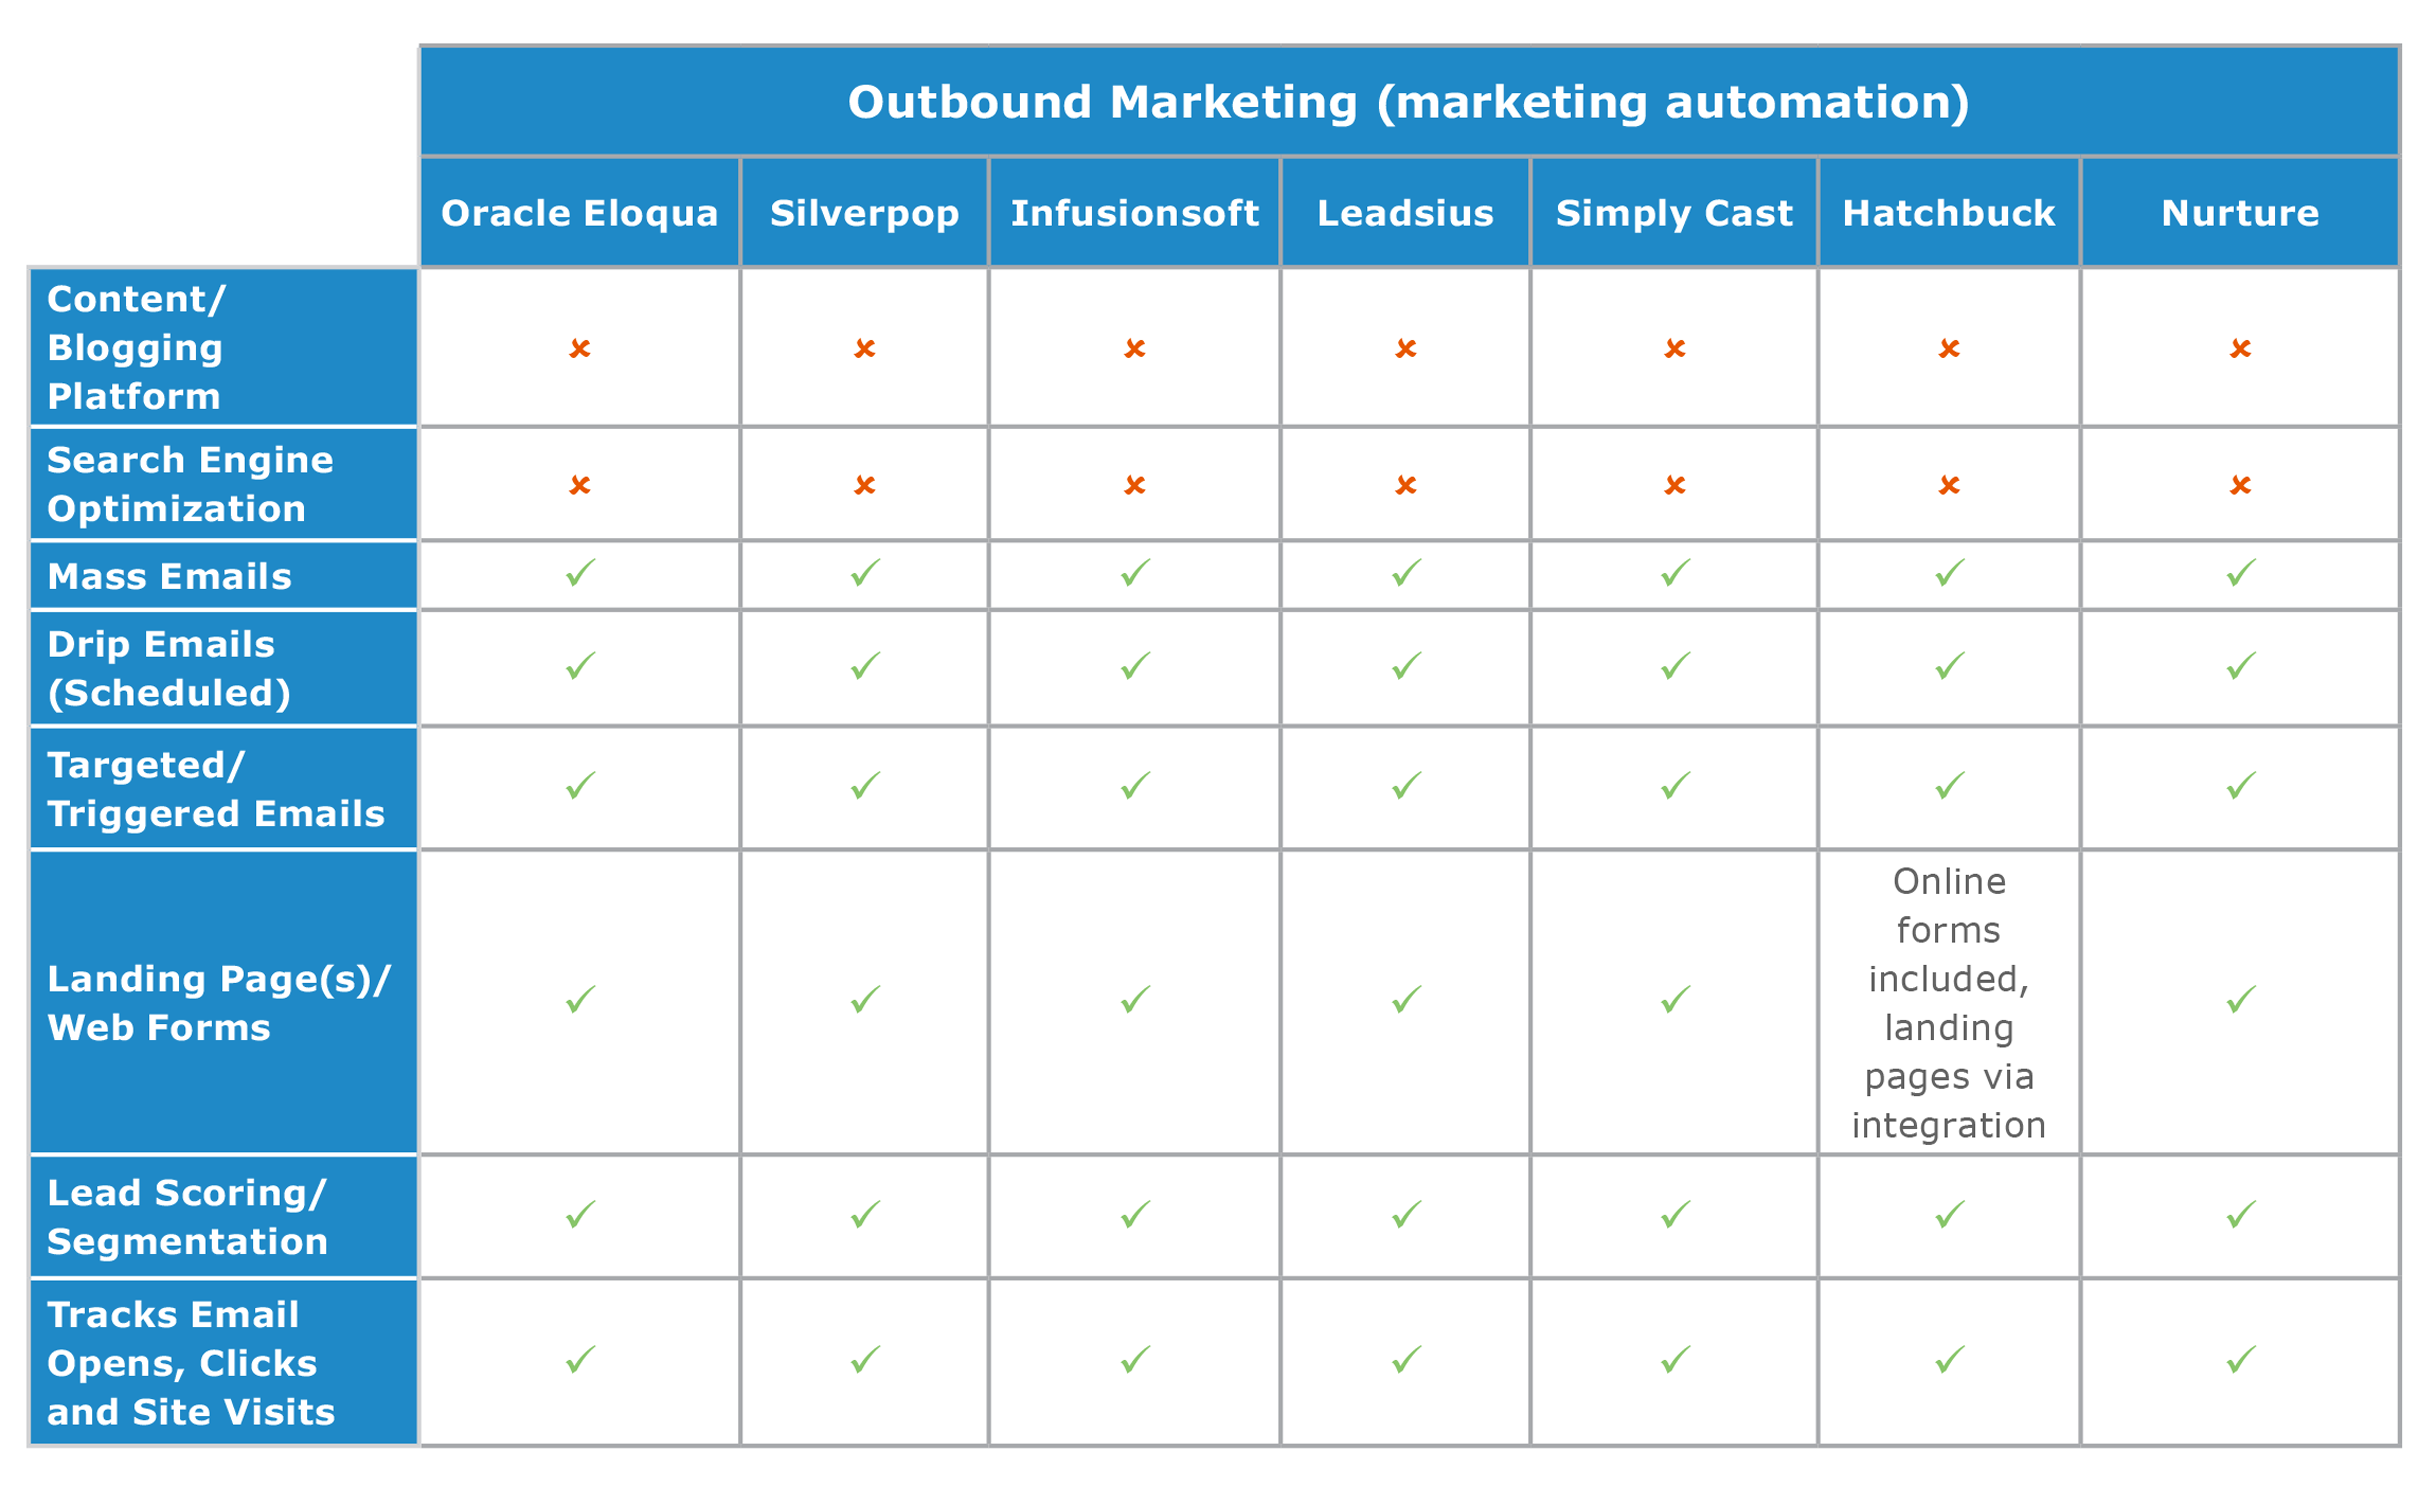 outbound marketing vendor comparison